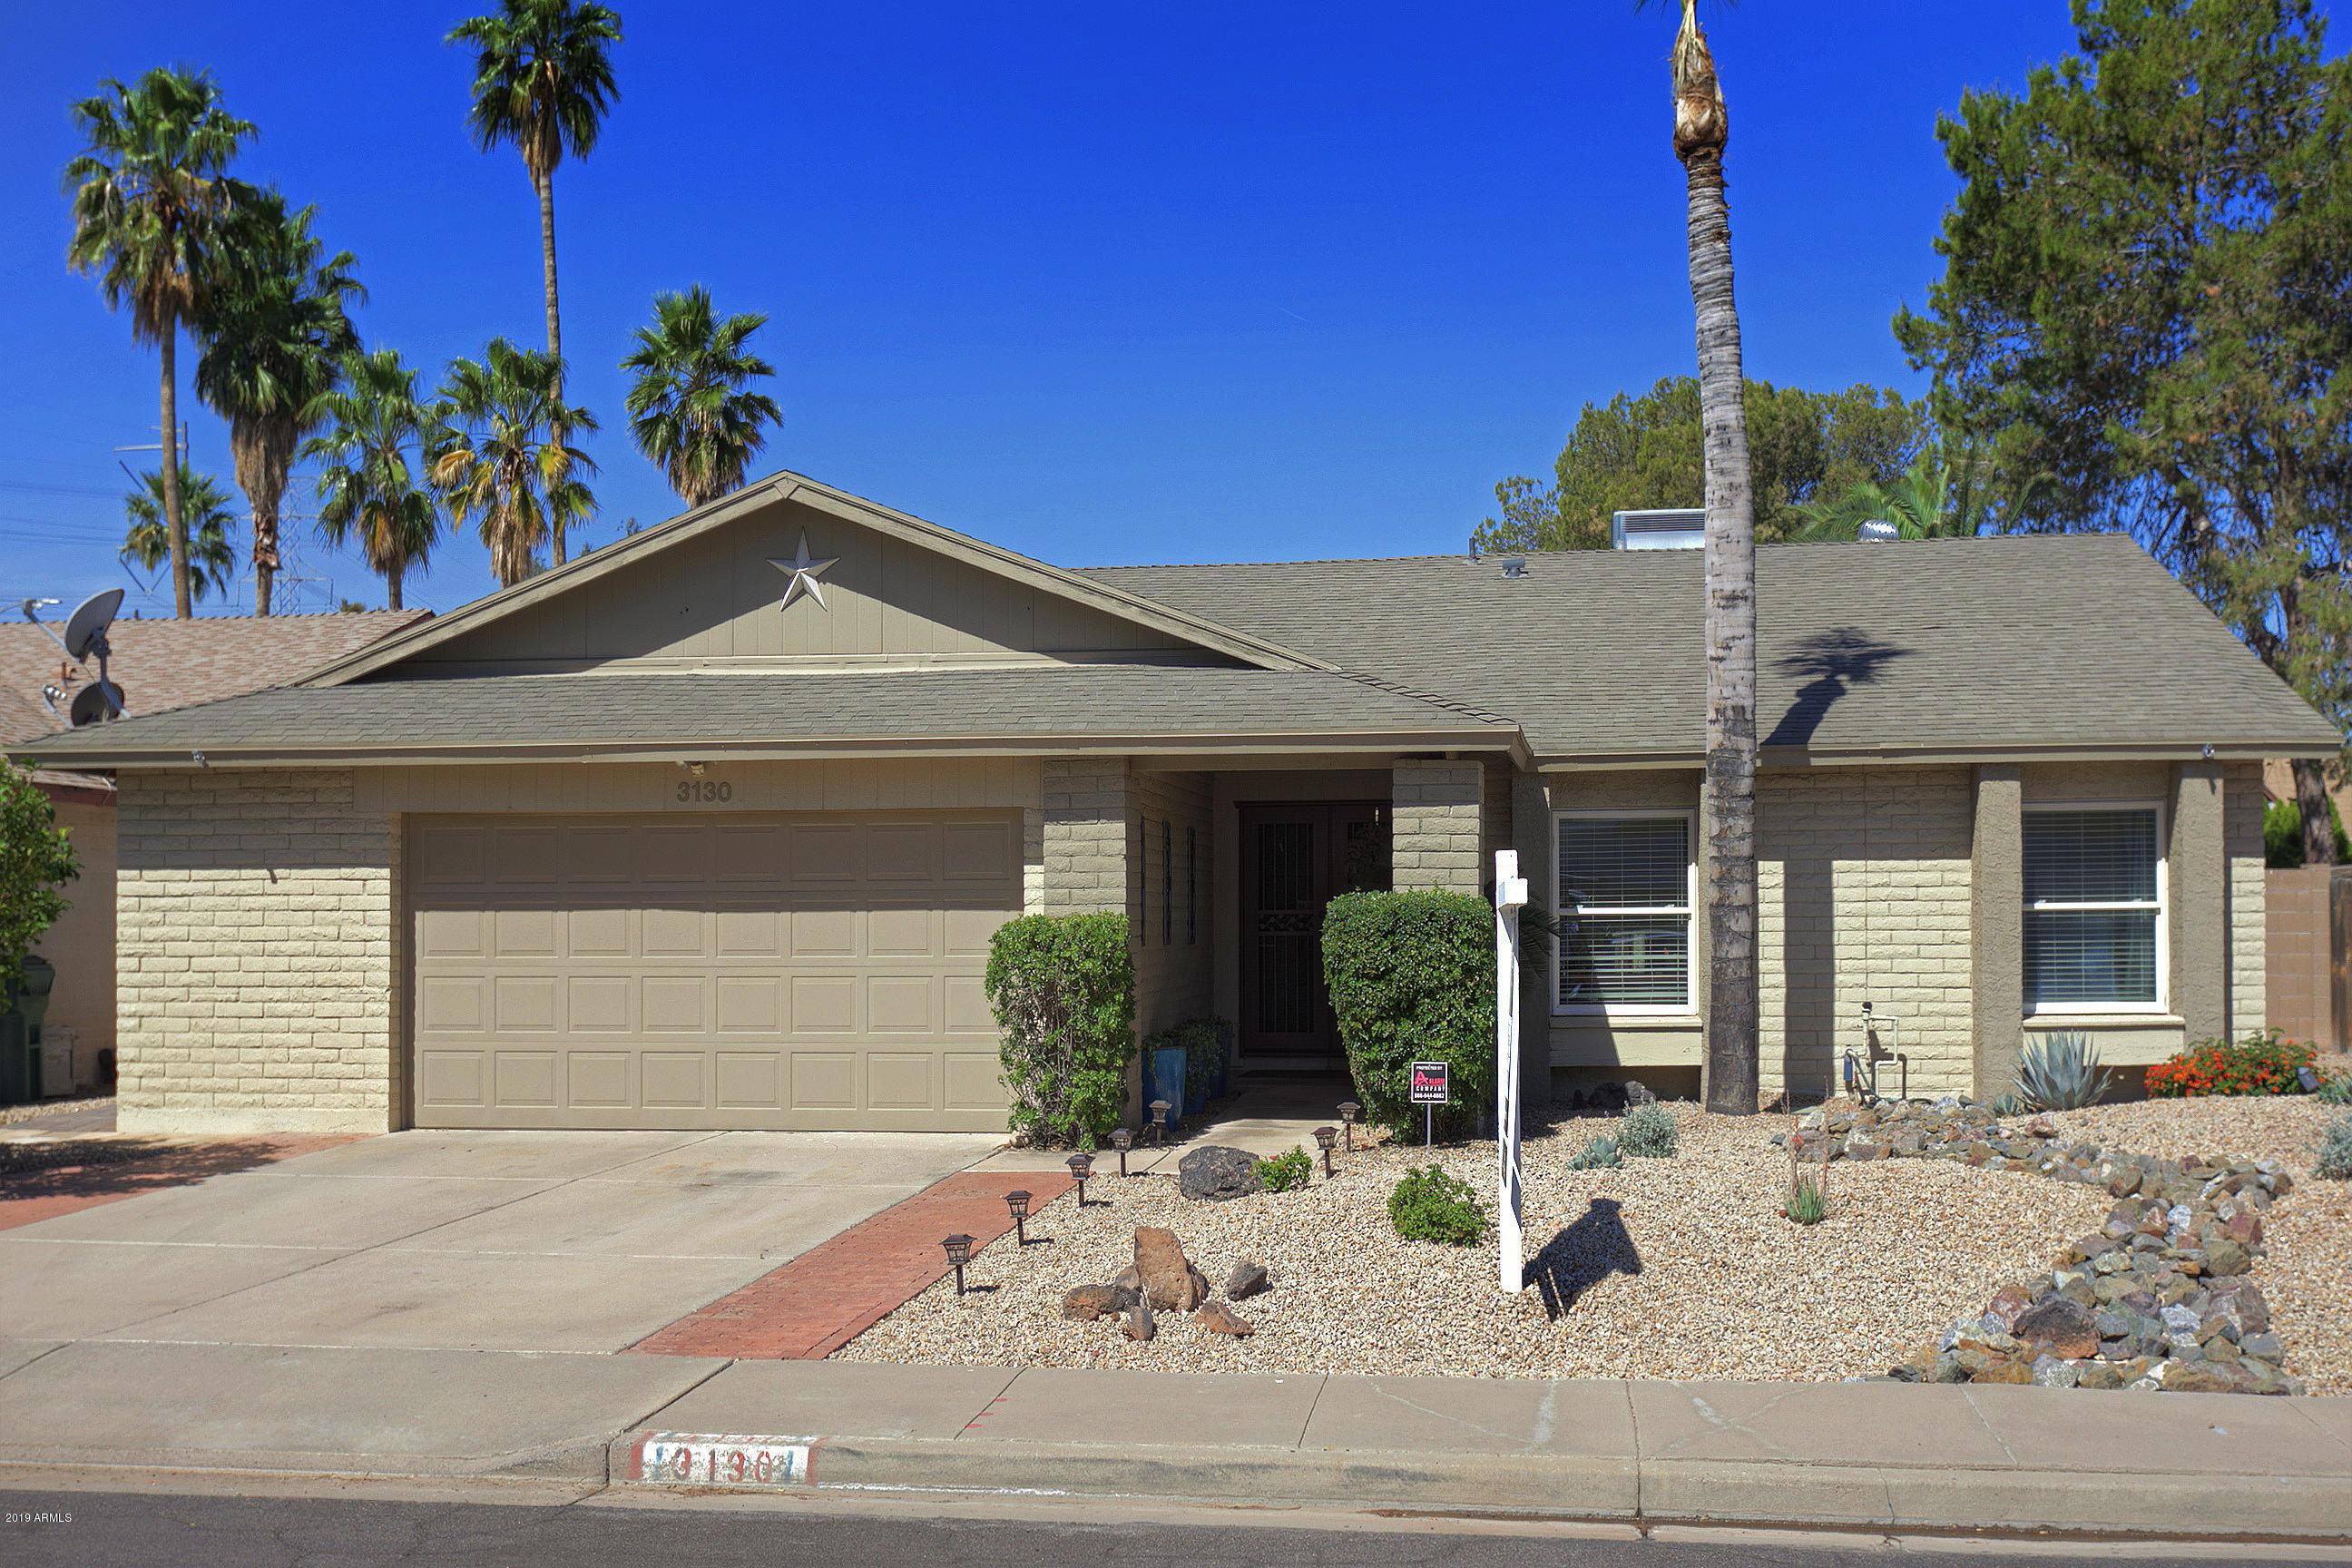 Photo of 3130 S Spruce --, Mesa, AZ 85210